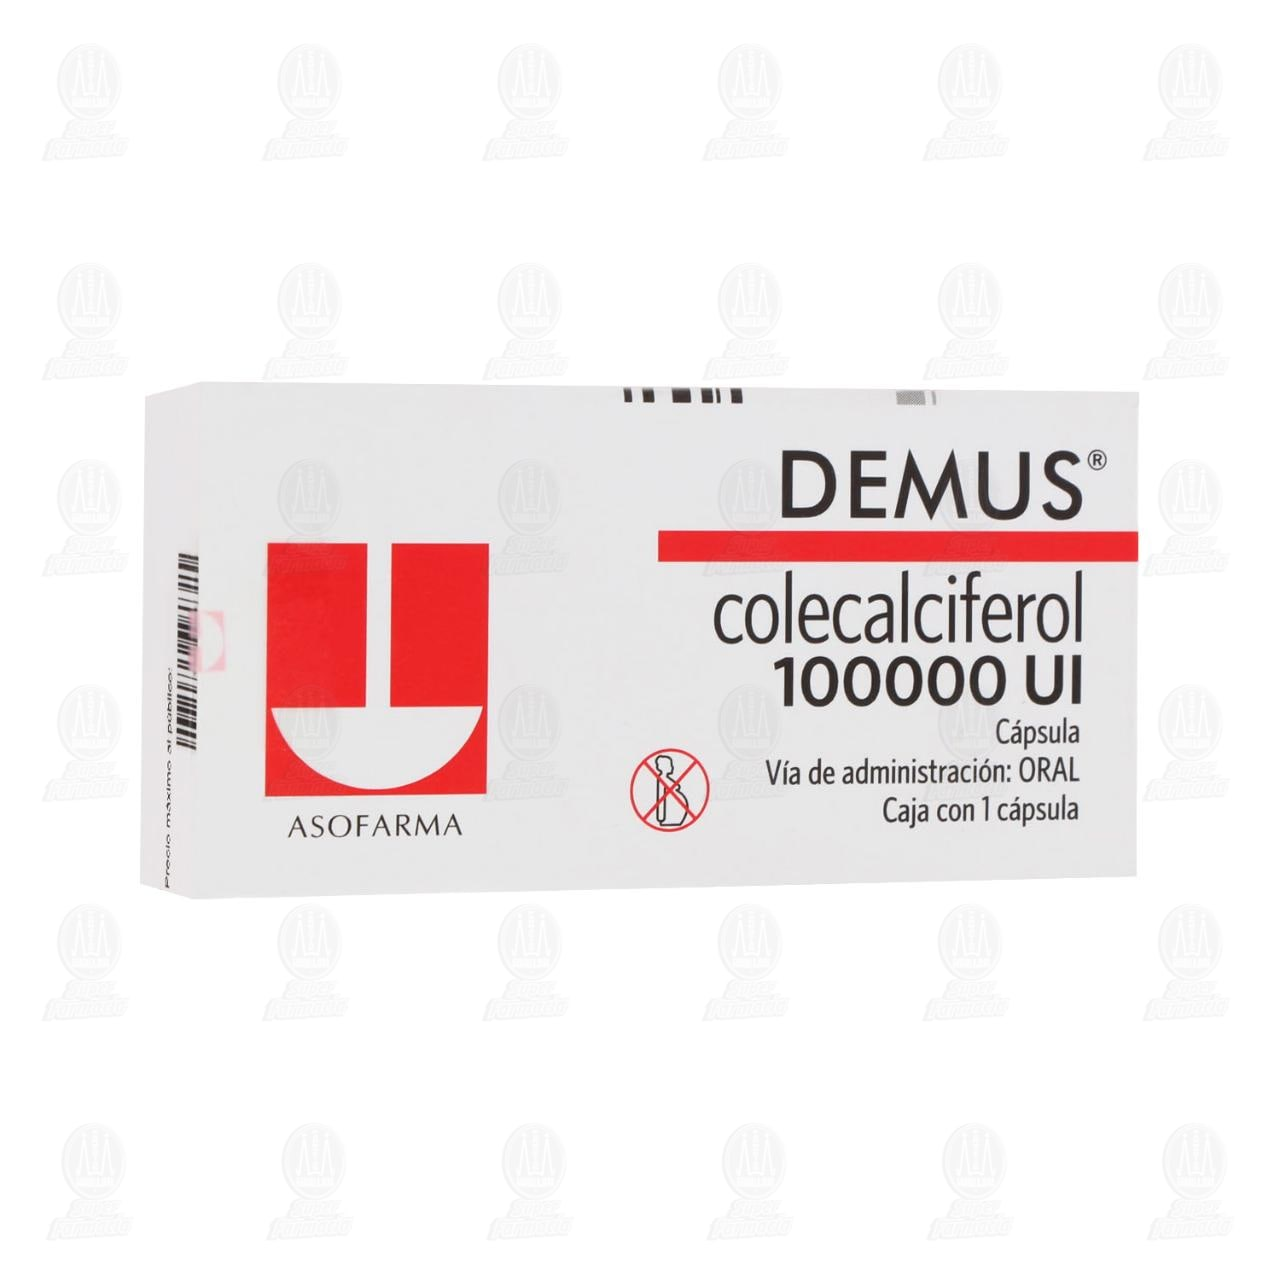 comprar https://www.movil.farmaciasguadalajara.com/wcsstore/FGCAS/wcs/products/1331981_A_1280_AL.jpg en farmacias guadalajara